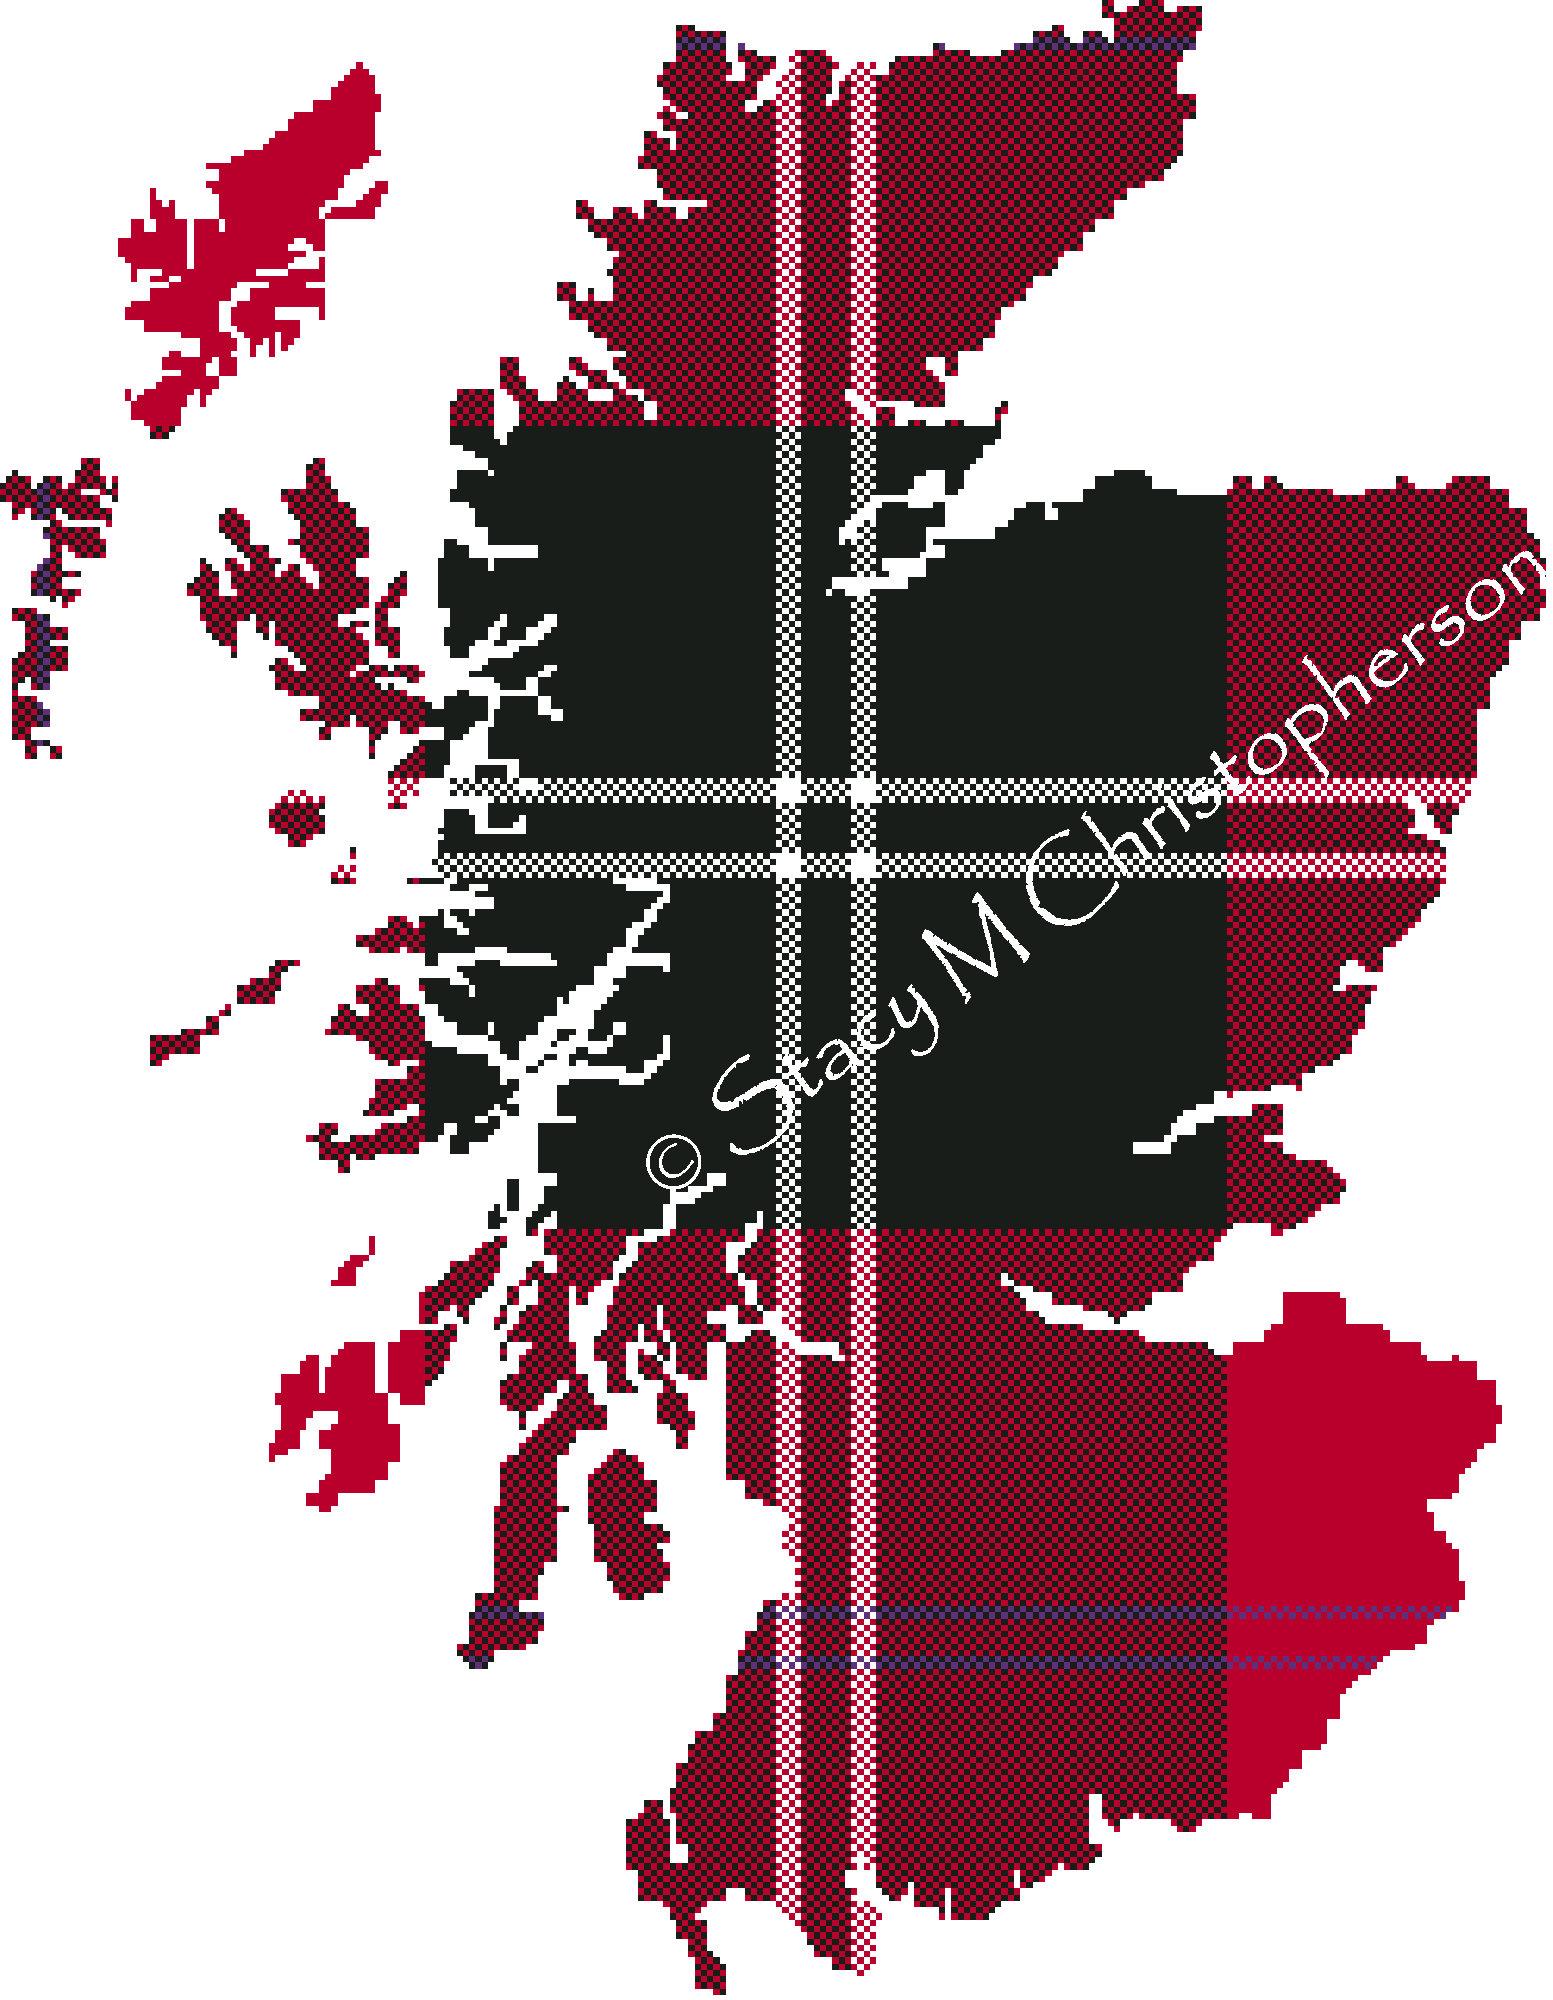 Scottish Tartan cross stitch pattern - Scotland Map